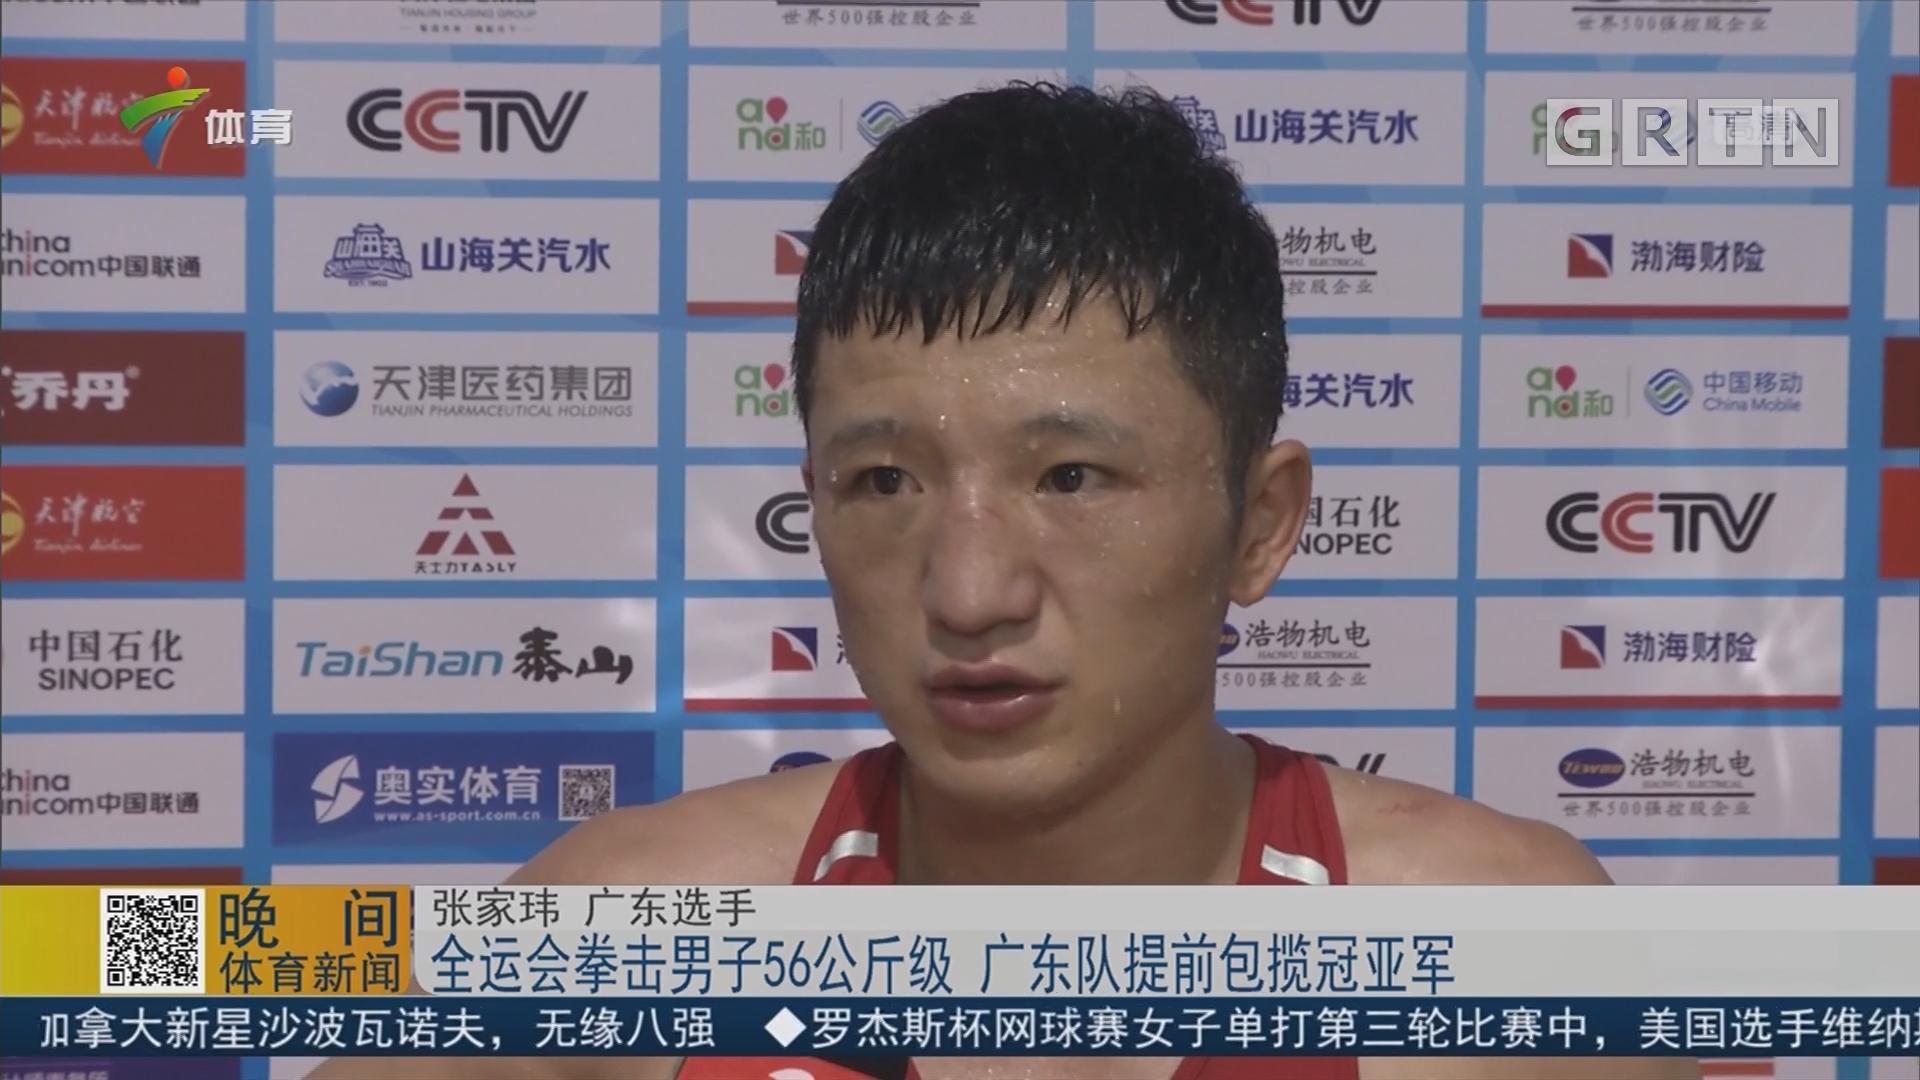 全运会拳击男子56公斤级 广东队提前包揽冠亚军